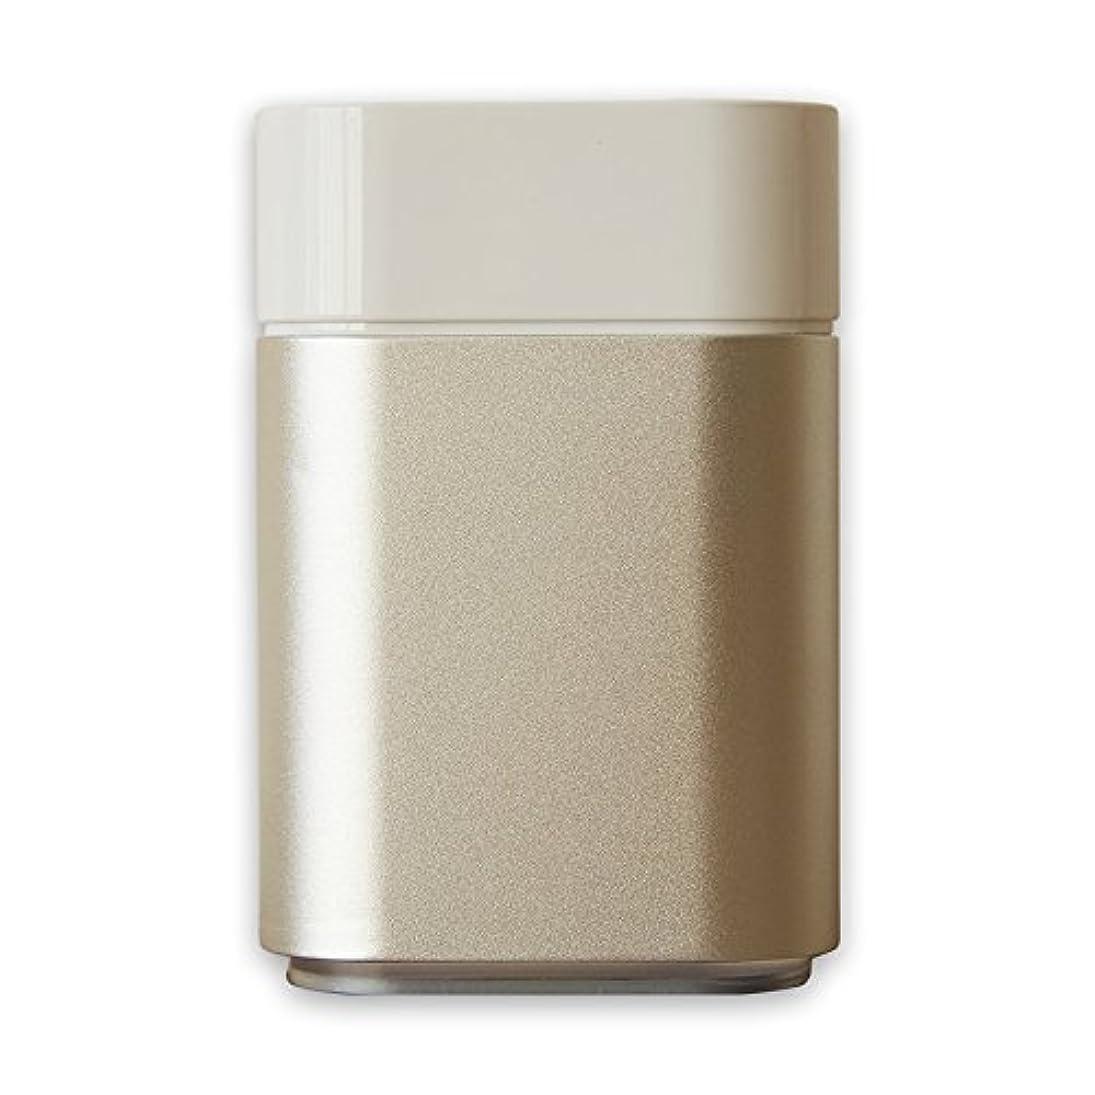 幻影説得力のある好色なアロマディフューザー UR-AROMA04 卓上 小型 Uruon(ウルオン)水を使わない アロマ ネブライザー式 水なし ダイレクトオイル 製油瓶直噴式 超音波式 USB 卓上 油性 水性 静音 アロマオイル